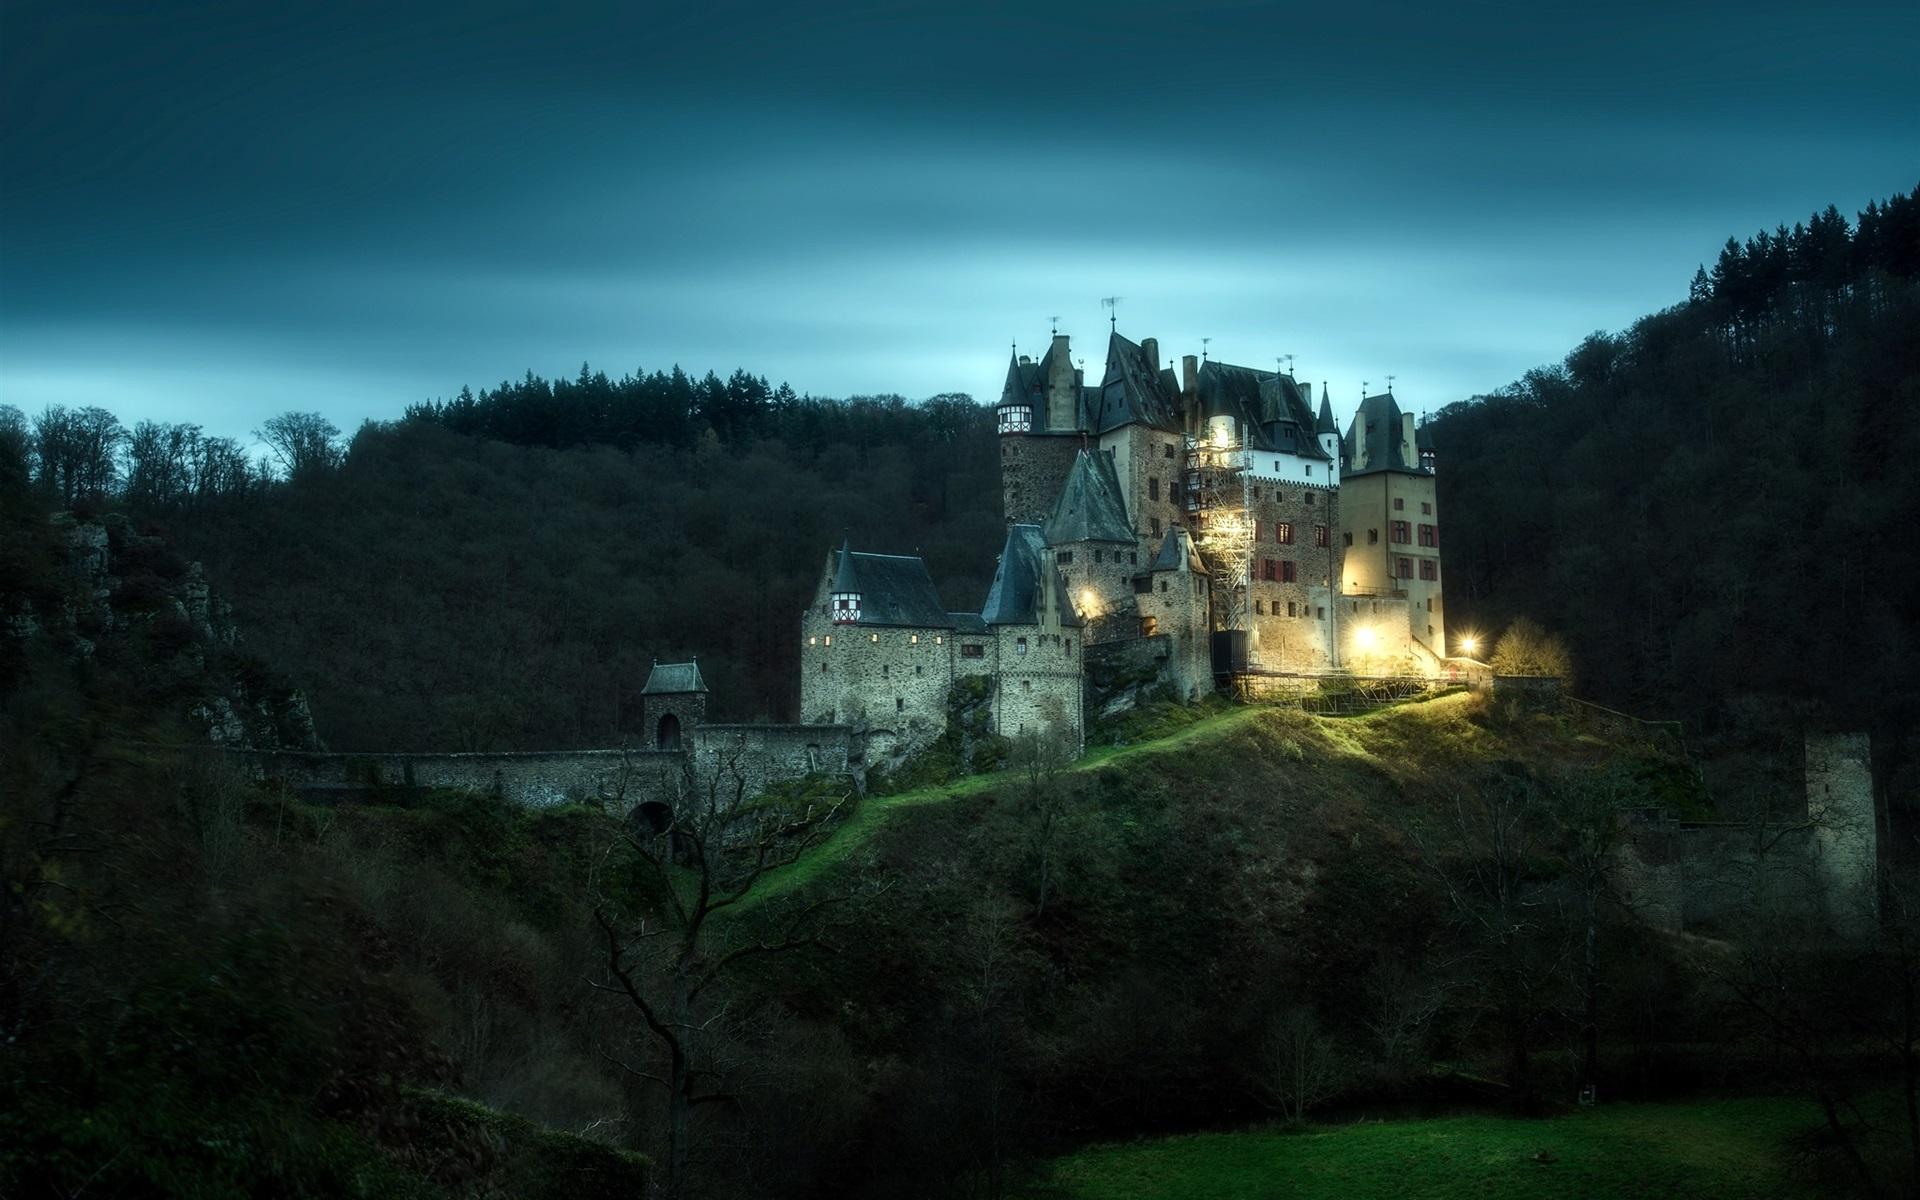 роль средневековый замок ночью картинки сообщает двух